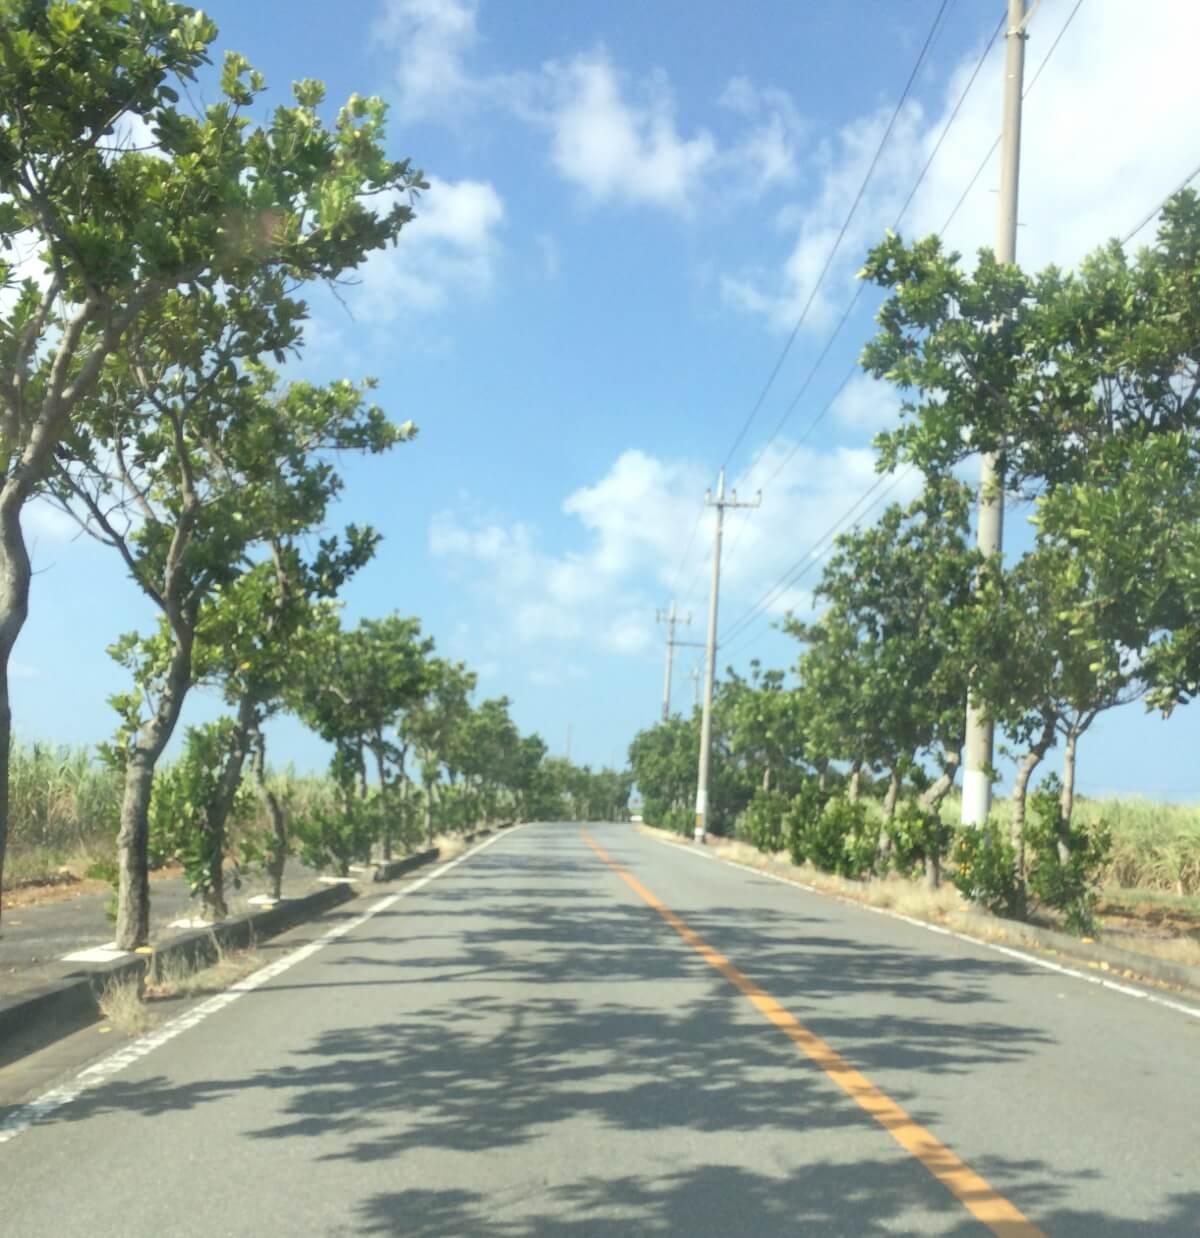 宮古島から来間島へ向かう道路